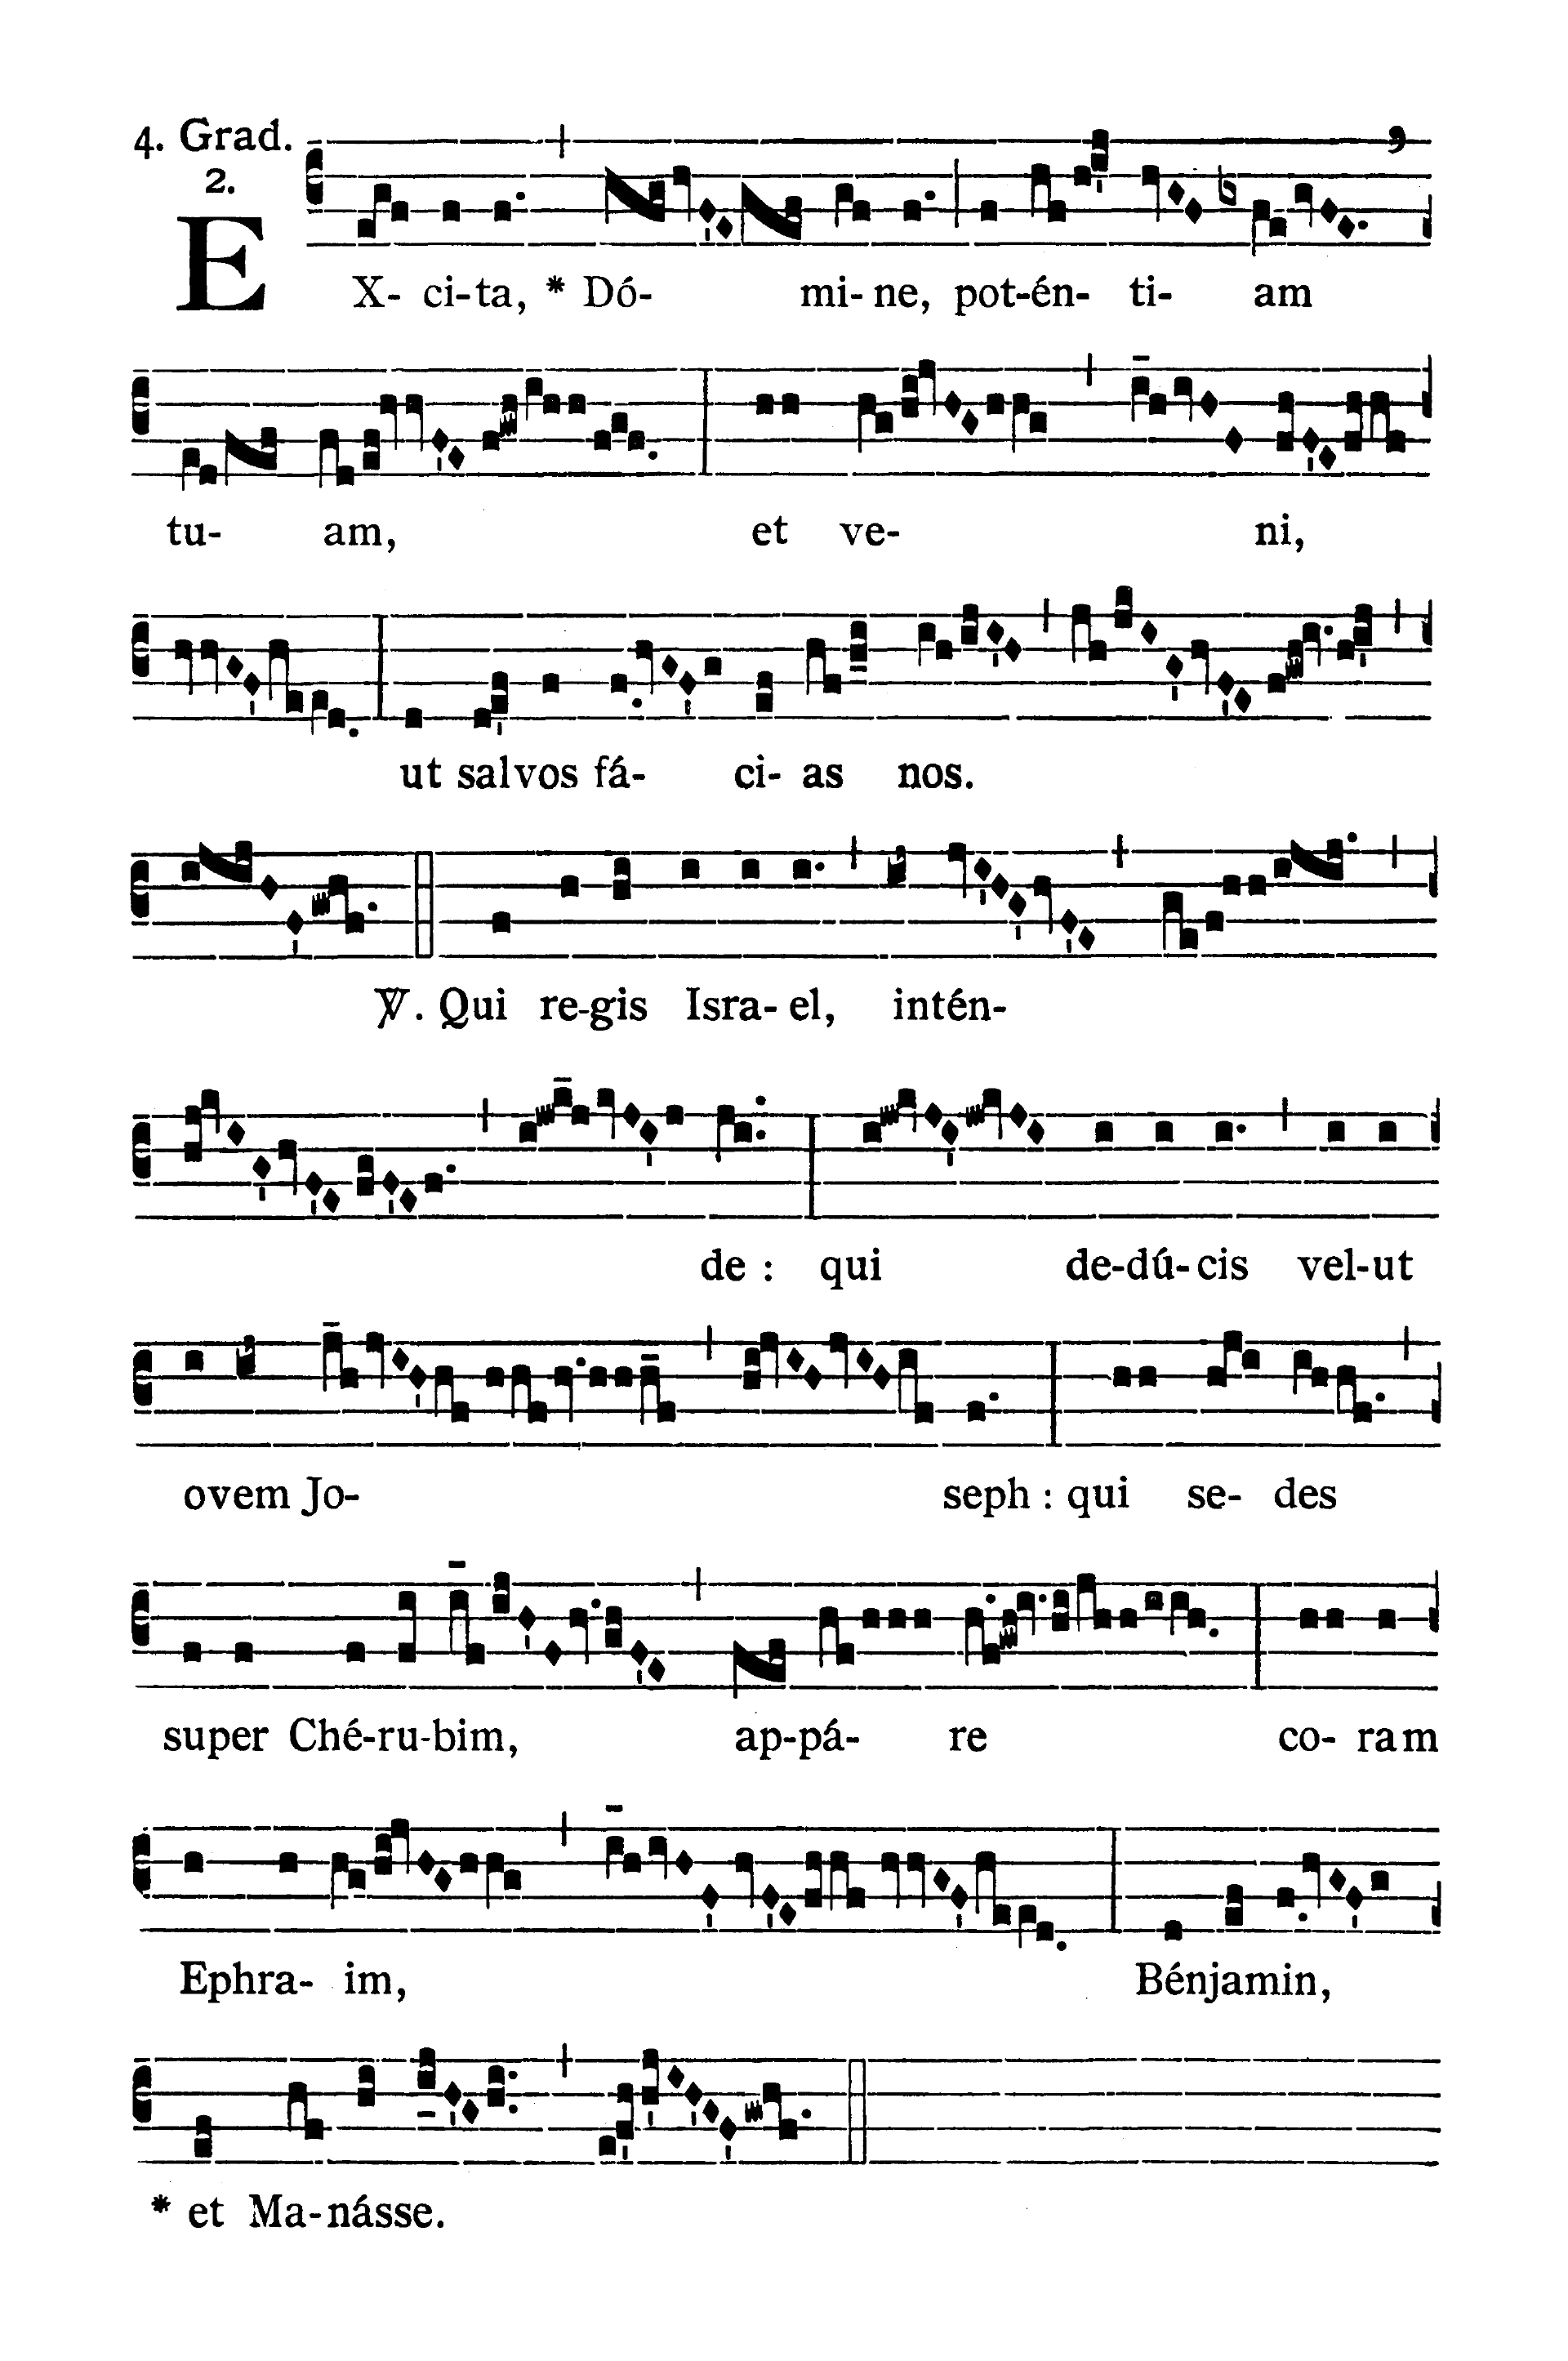 Sabbato Quatuor Temporum Adventus (Ember Saturday of Advent) - Graduale (Excita Domine)